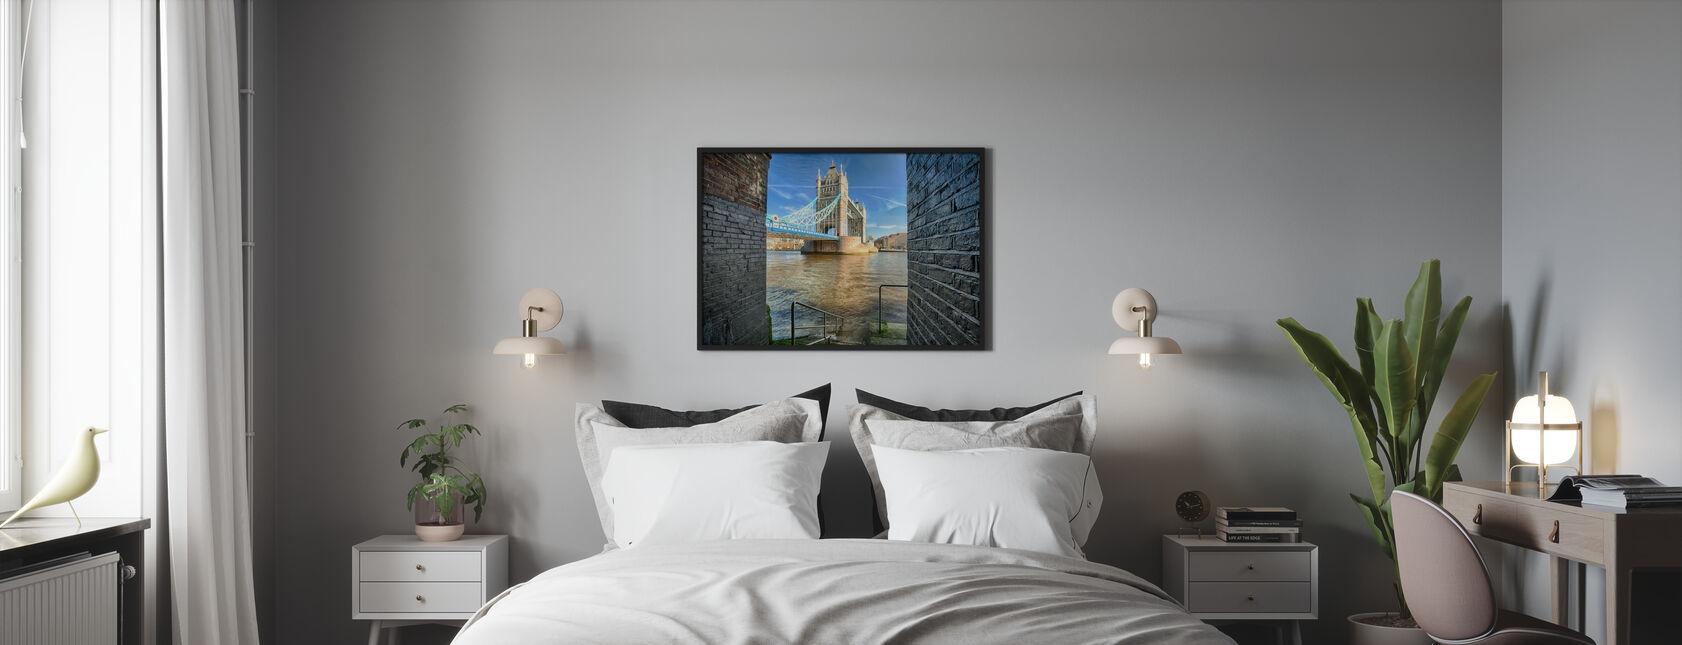 Alternative Blick auf die Tower Bridge - Poster - Schlafzimmer